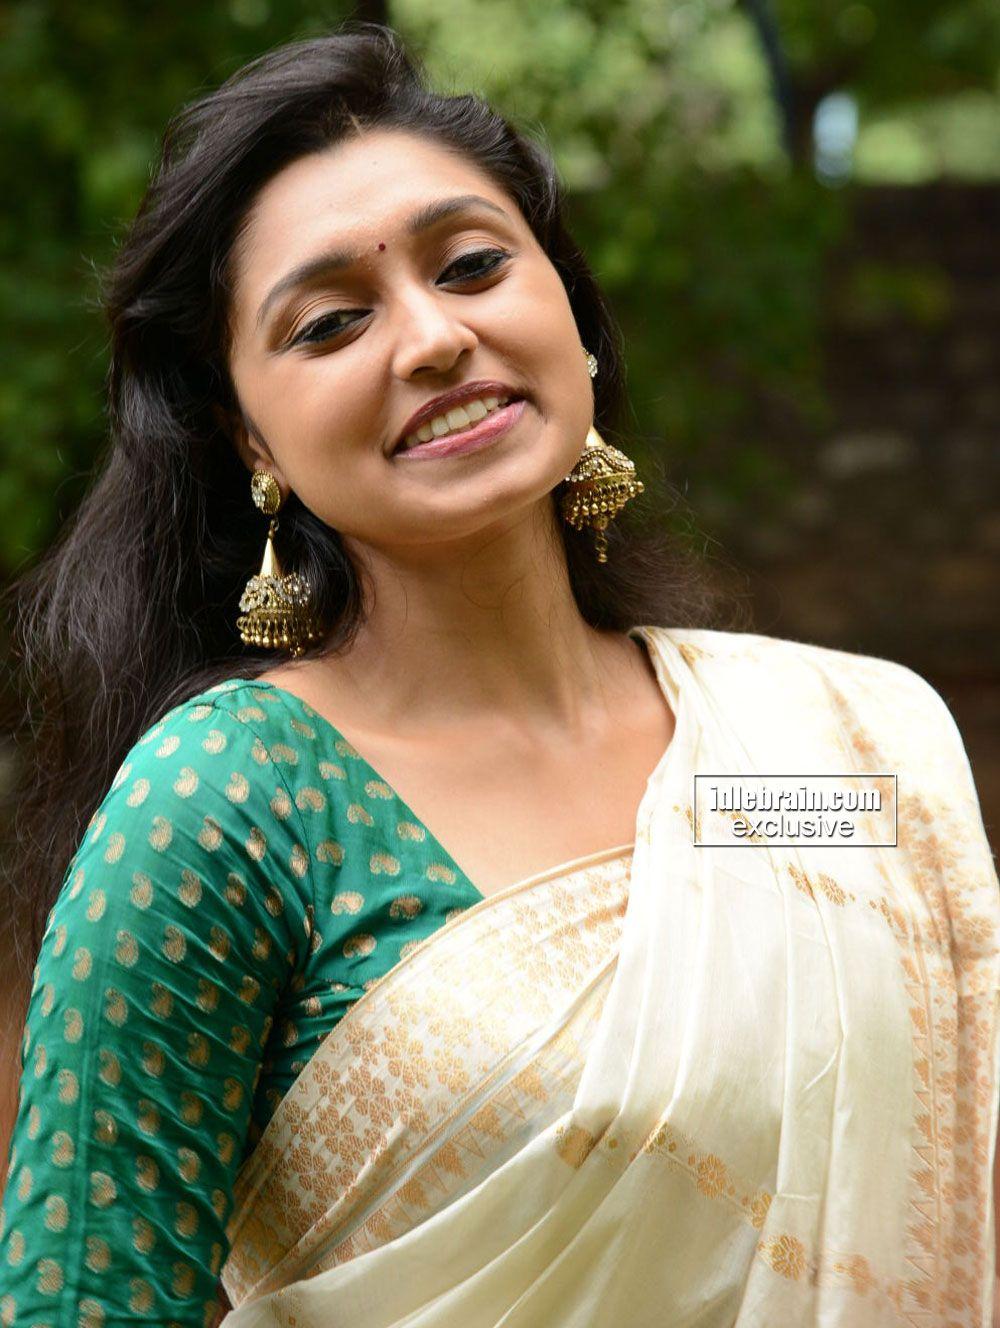 Sija Rose in Saree (With images) | Actress pics